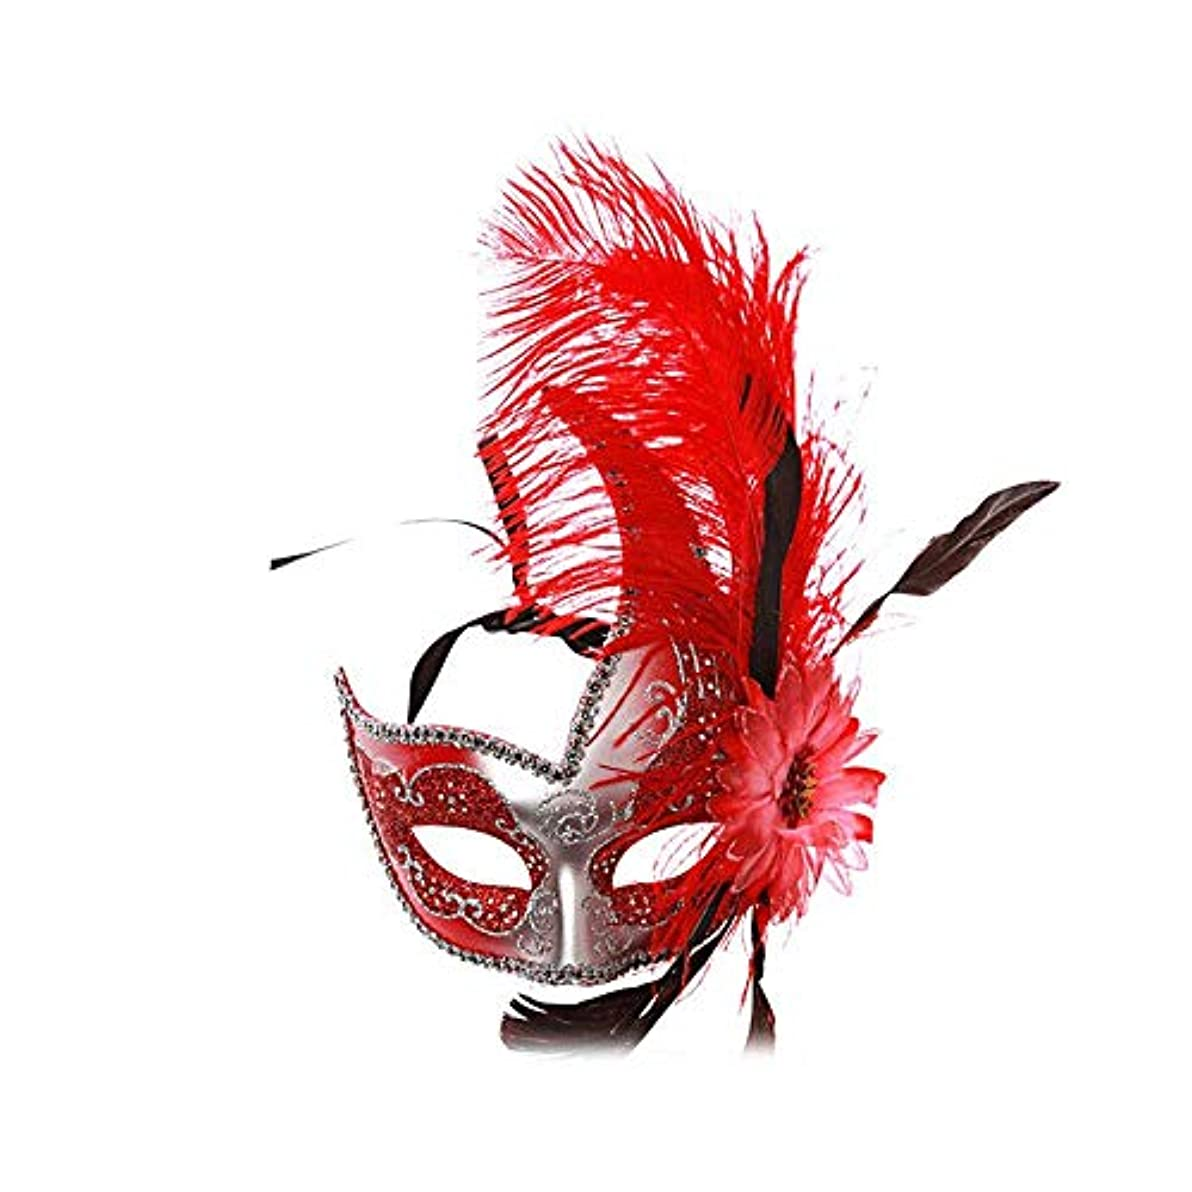 スパン生きる嵐が丘Nanle ハロウィンマスクハーフフェザーマスクベニスプリンセスマスク美容レース仮面ライダーコスプレ (色 : Style B red)